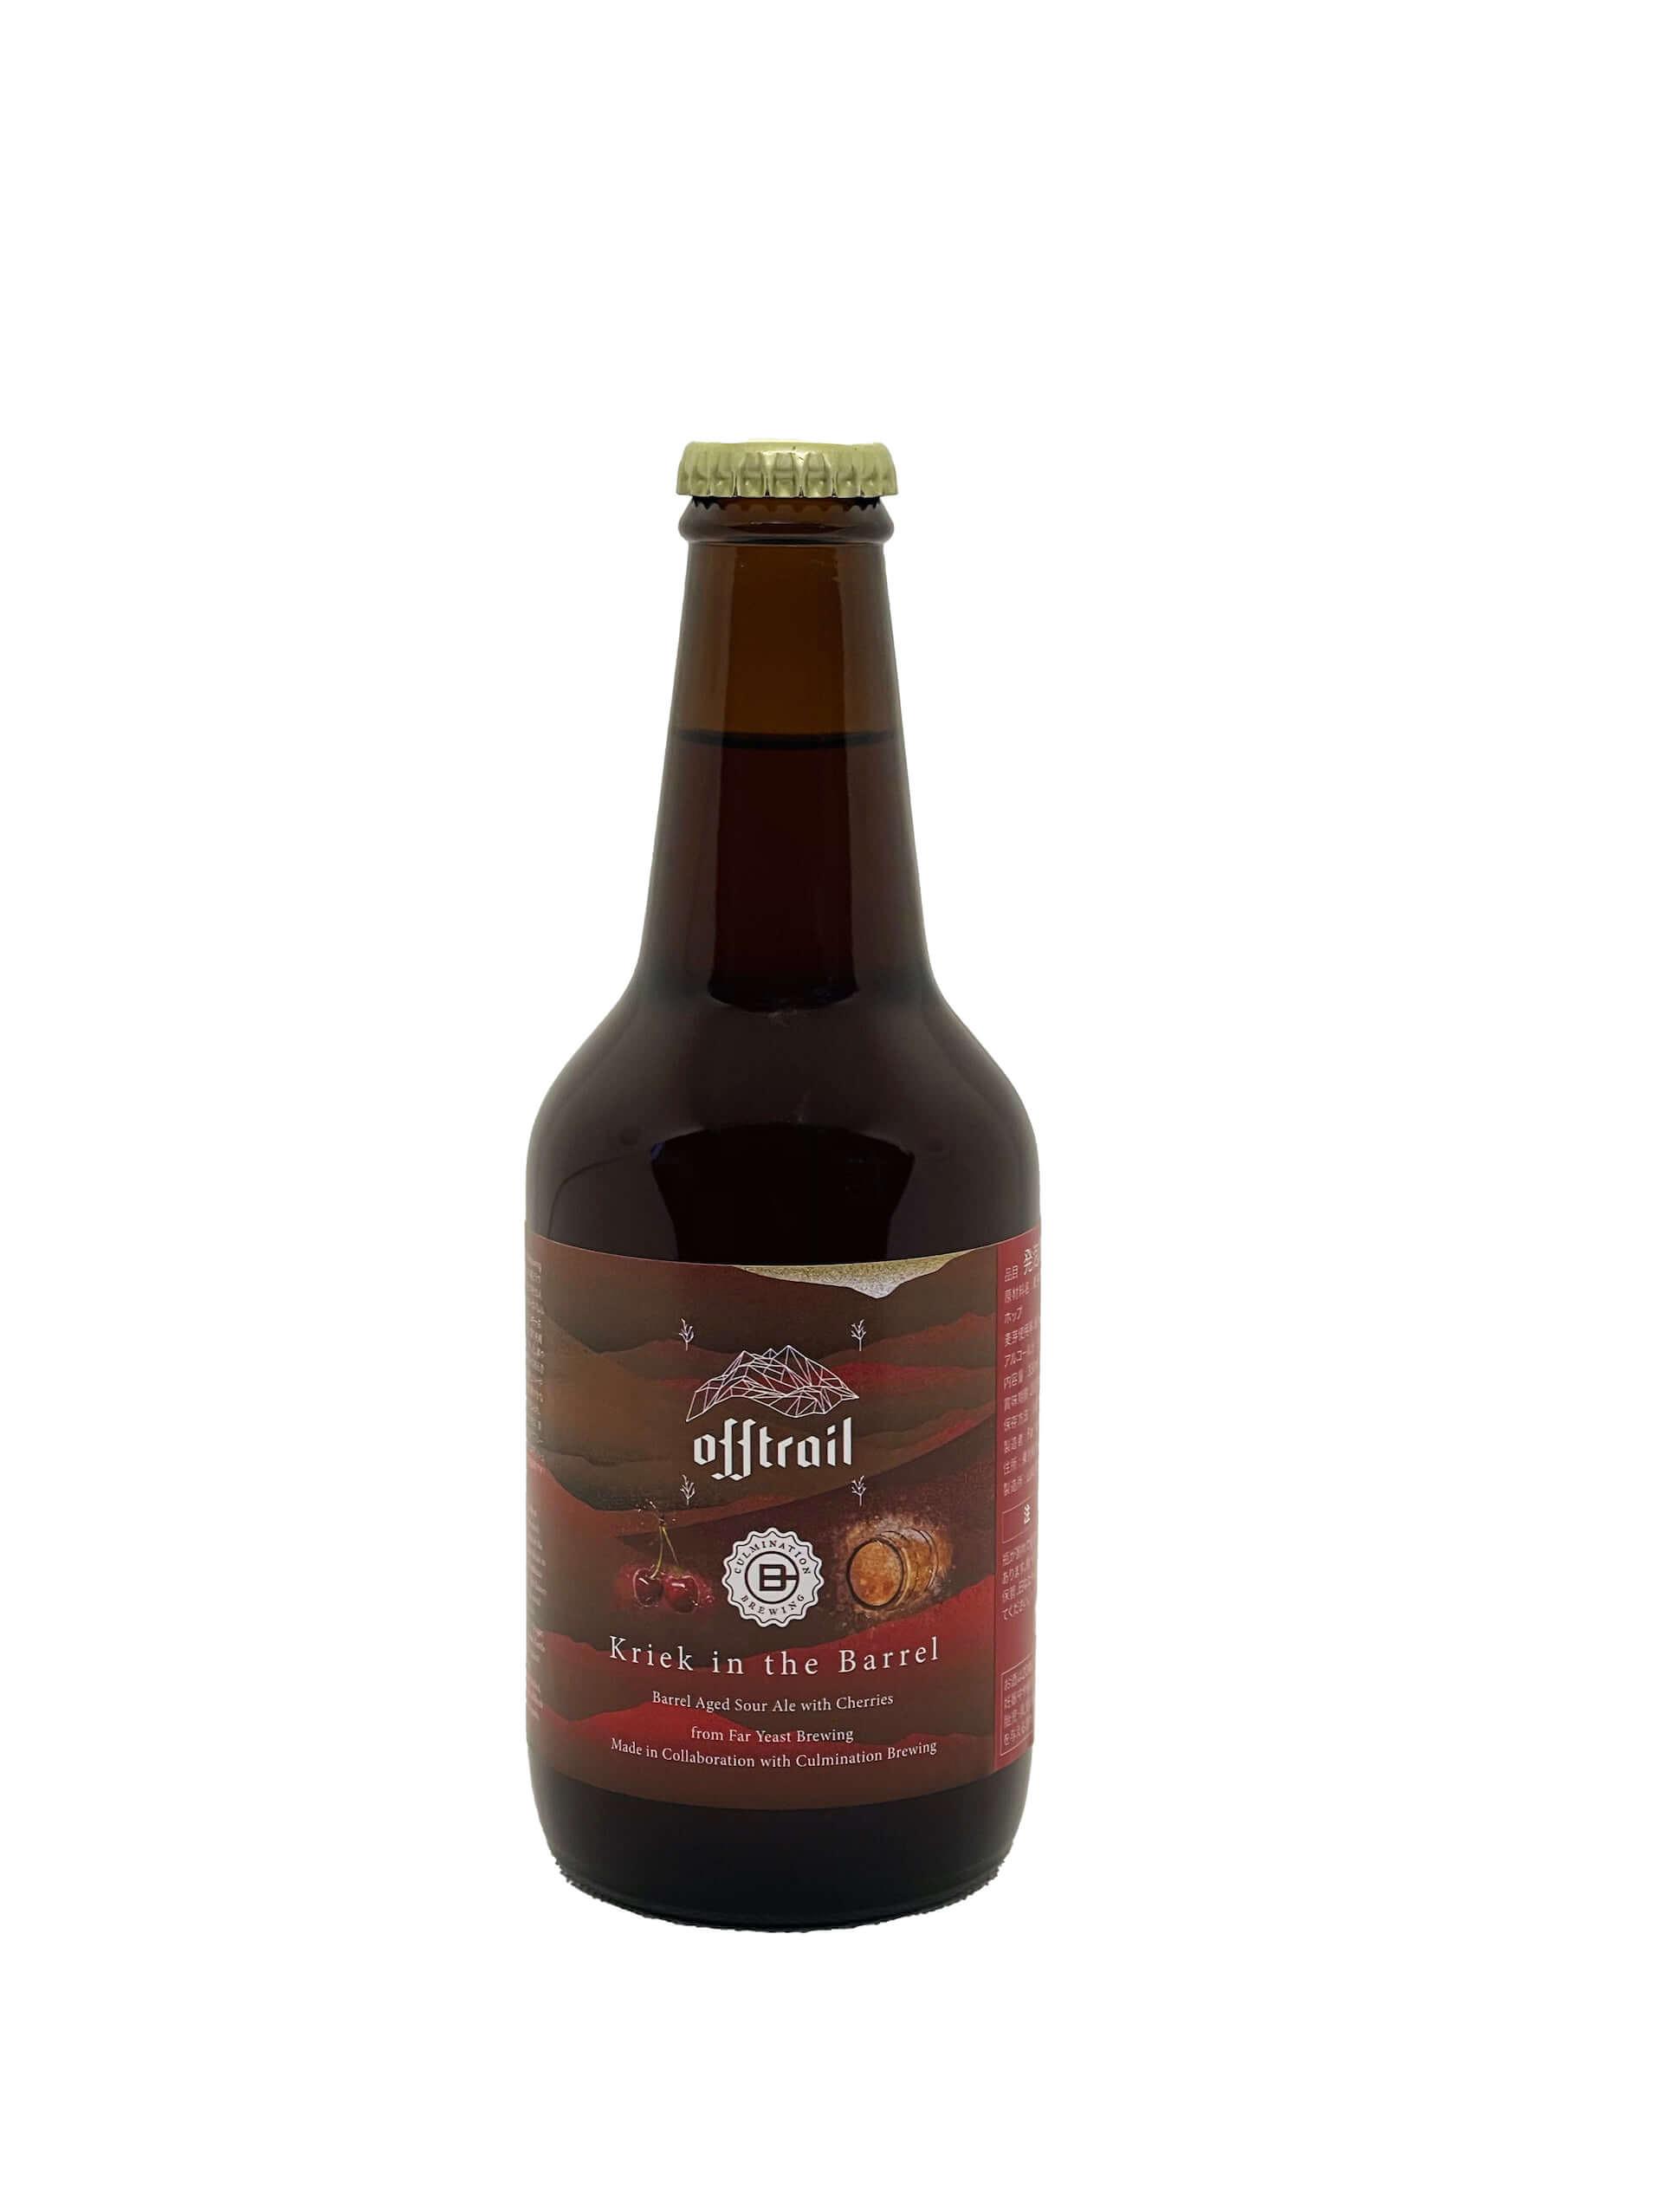 チェリーやオーク樽の香りを楽しめる新ビール『Kriek in the Barrel』が発売決定!「Off Trail」と「Culmination Brewing」が再びコラボ gourmet210208_culminationbrewing_3-1920x2554